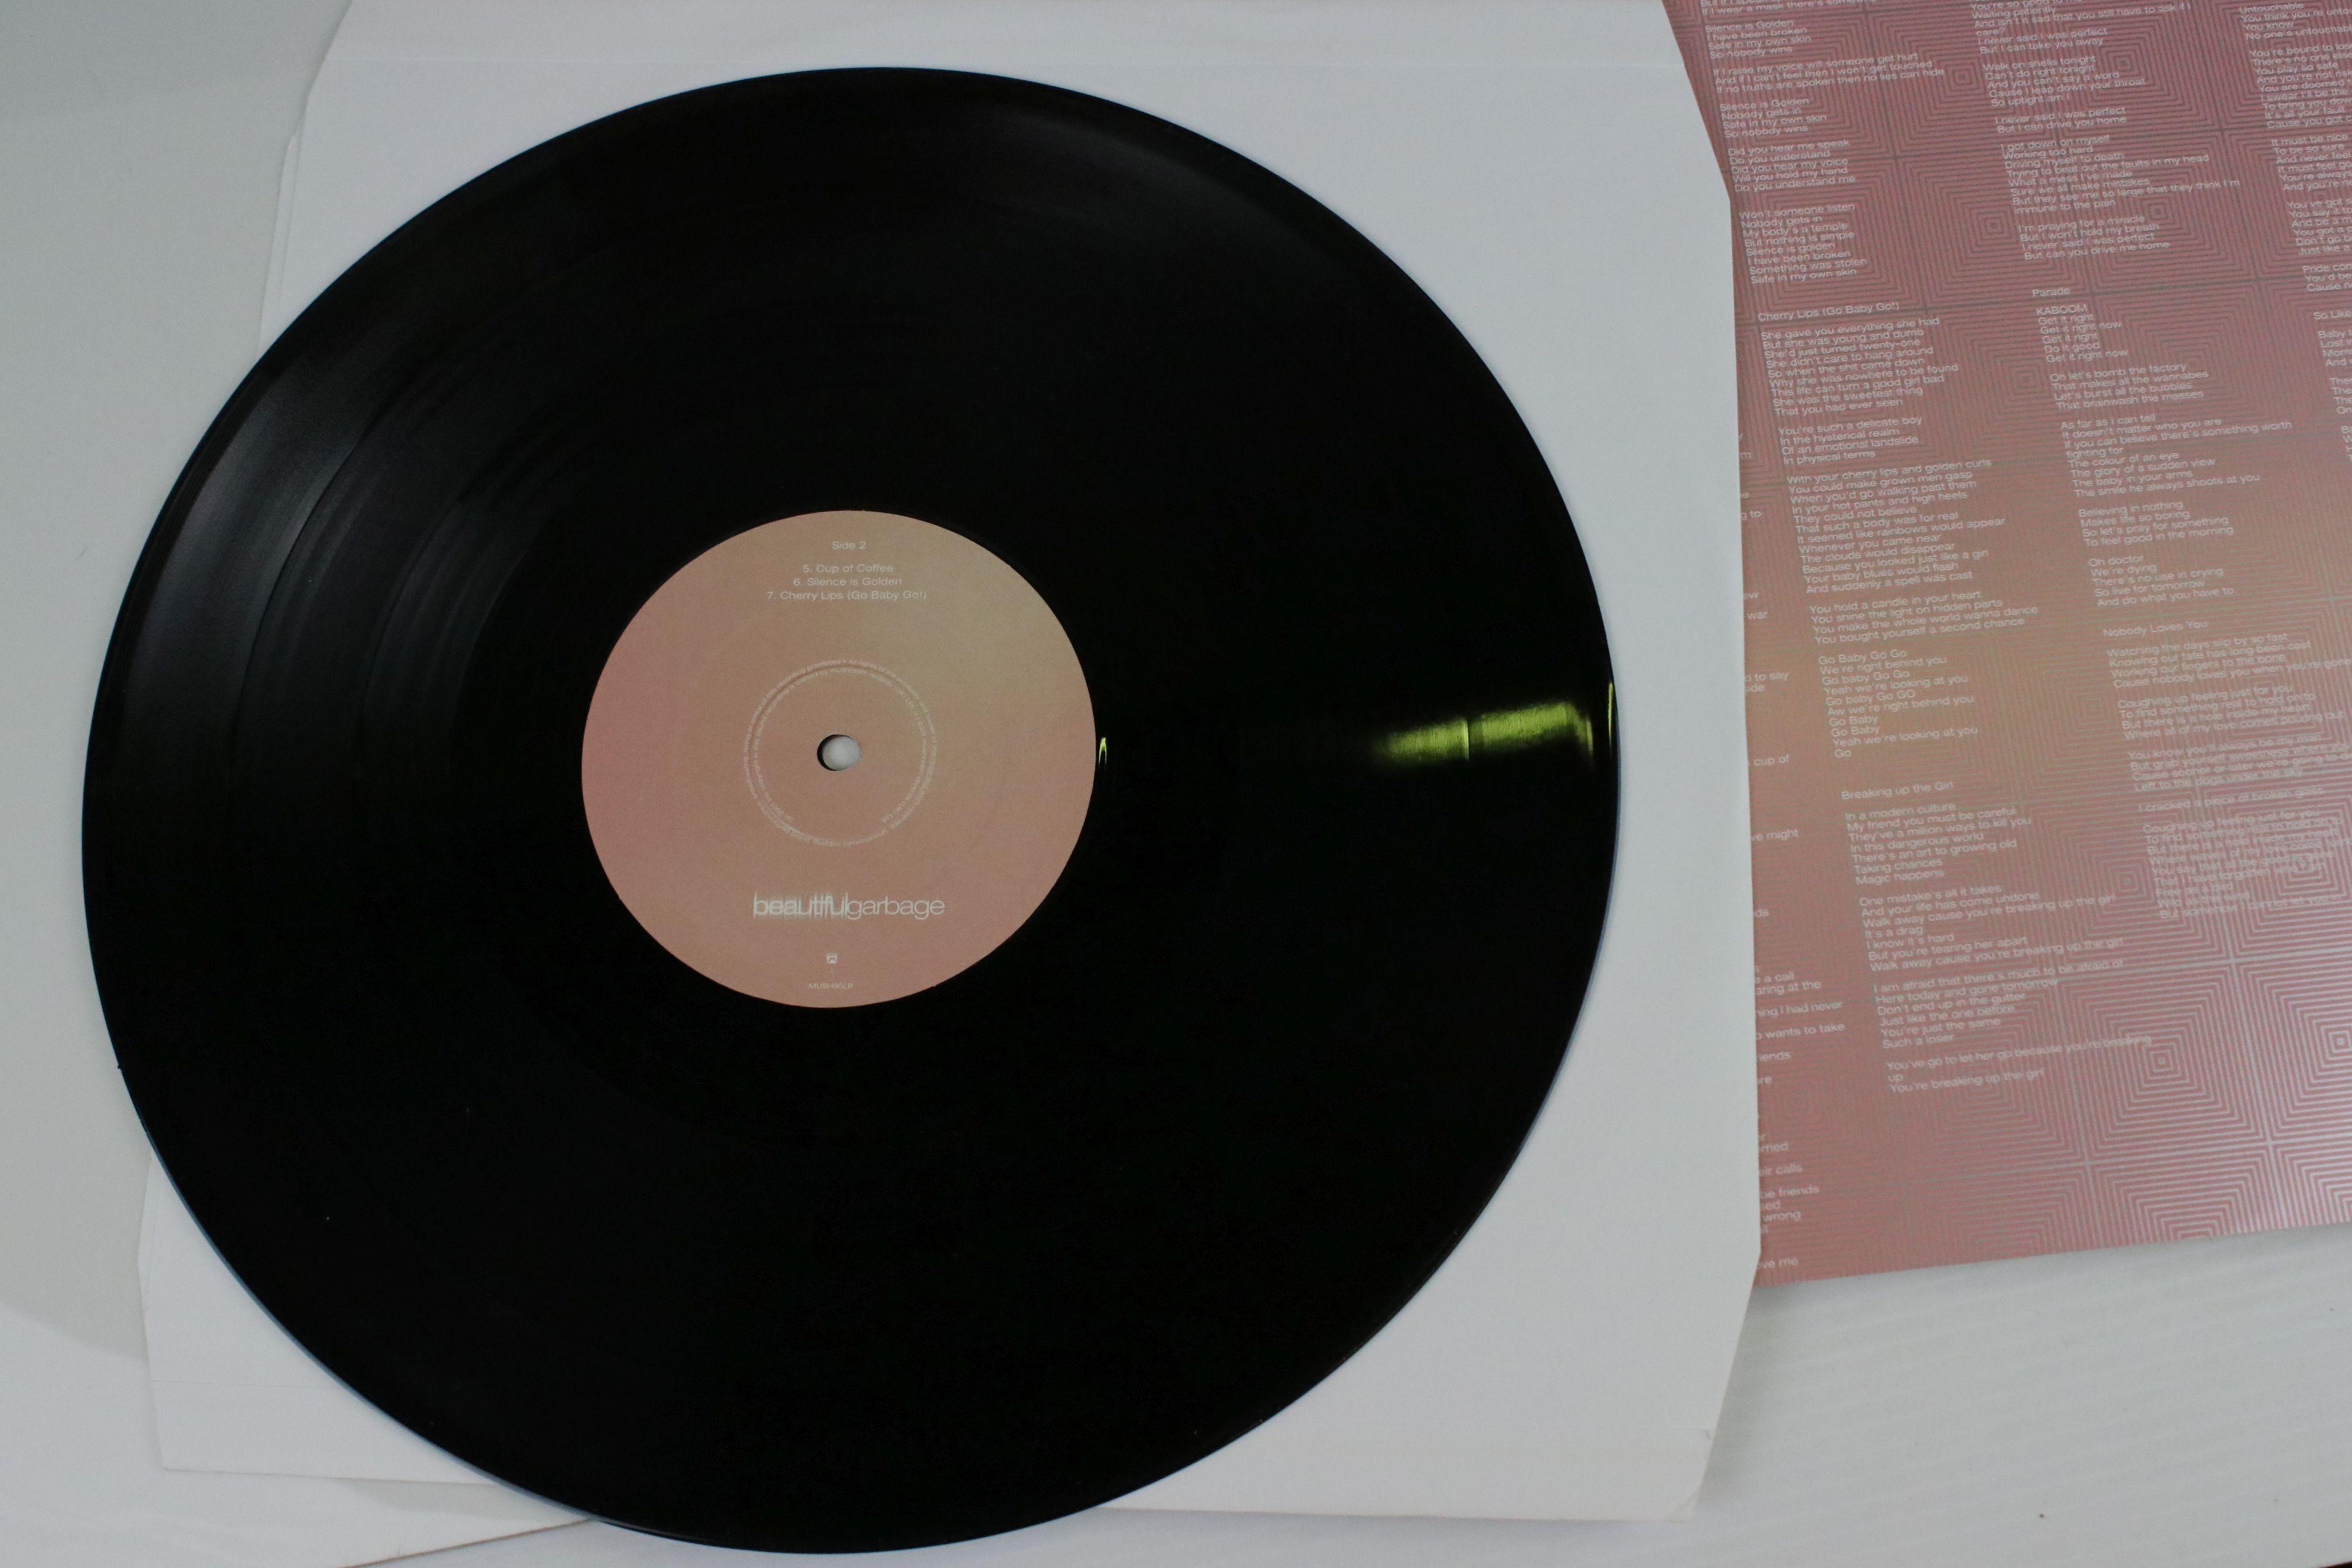 Vinyl - Garbage Beautiful Garbage Double LP on Mushroom MUSH95LP, with lyric inner, sleeve vg++, - Image 4 of 6